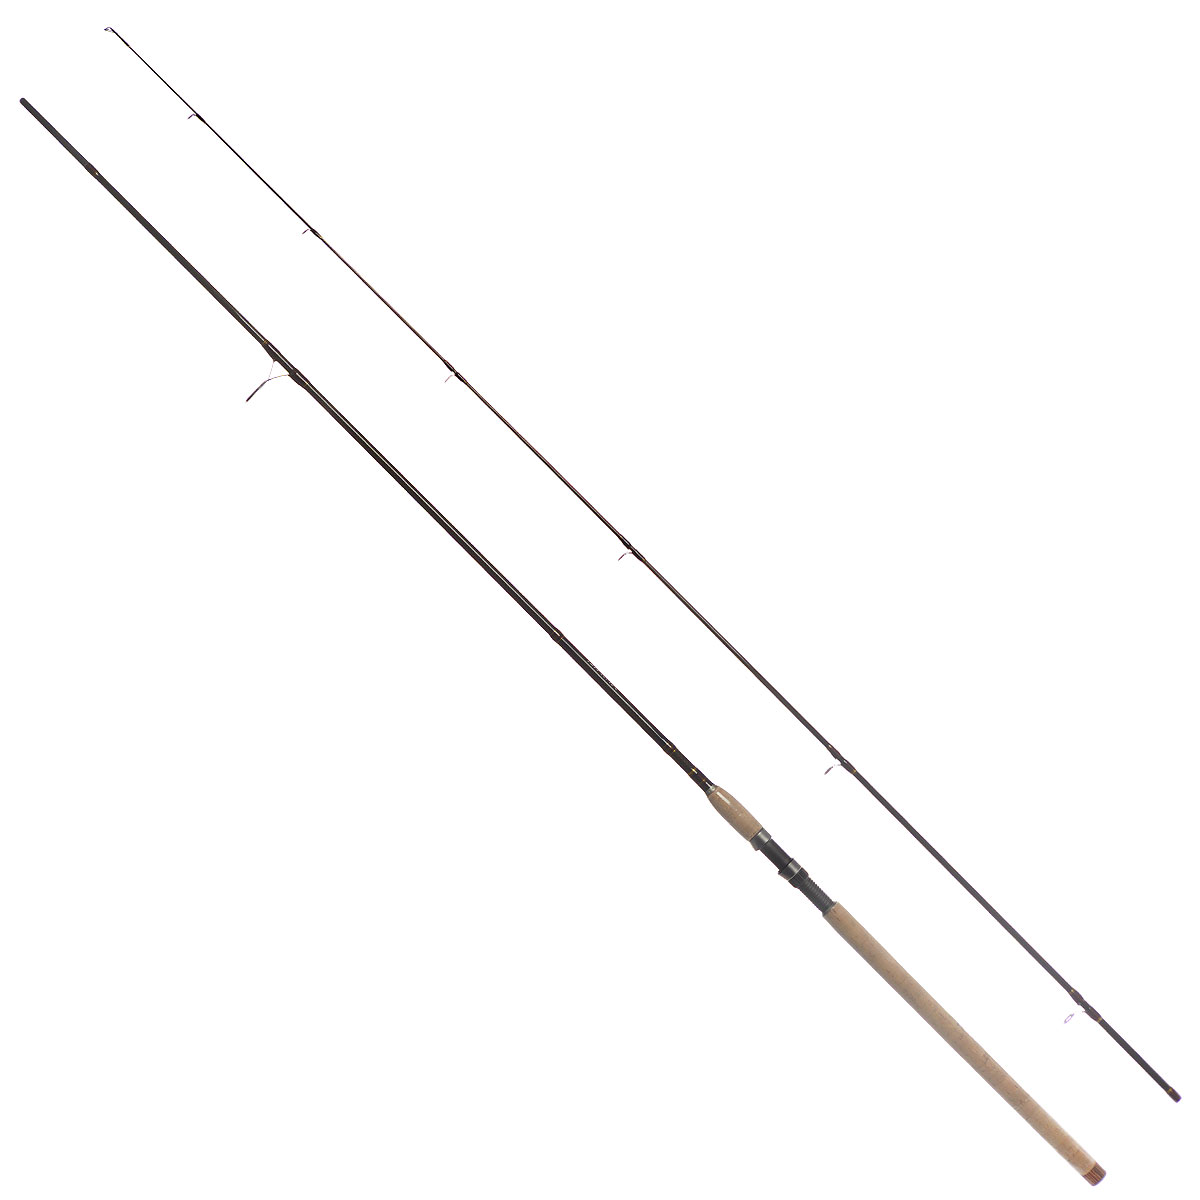 Удилище спиннинговое Daiwa New Exceler, штекерное, цвет: темно-коричневый, 2,7 м, 20-60 г